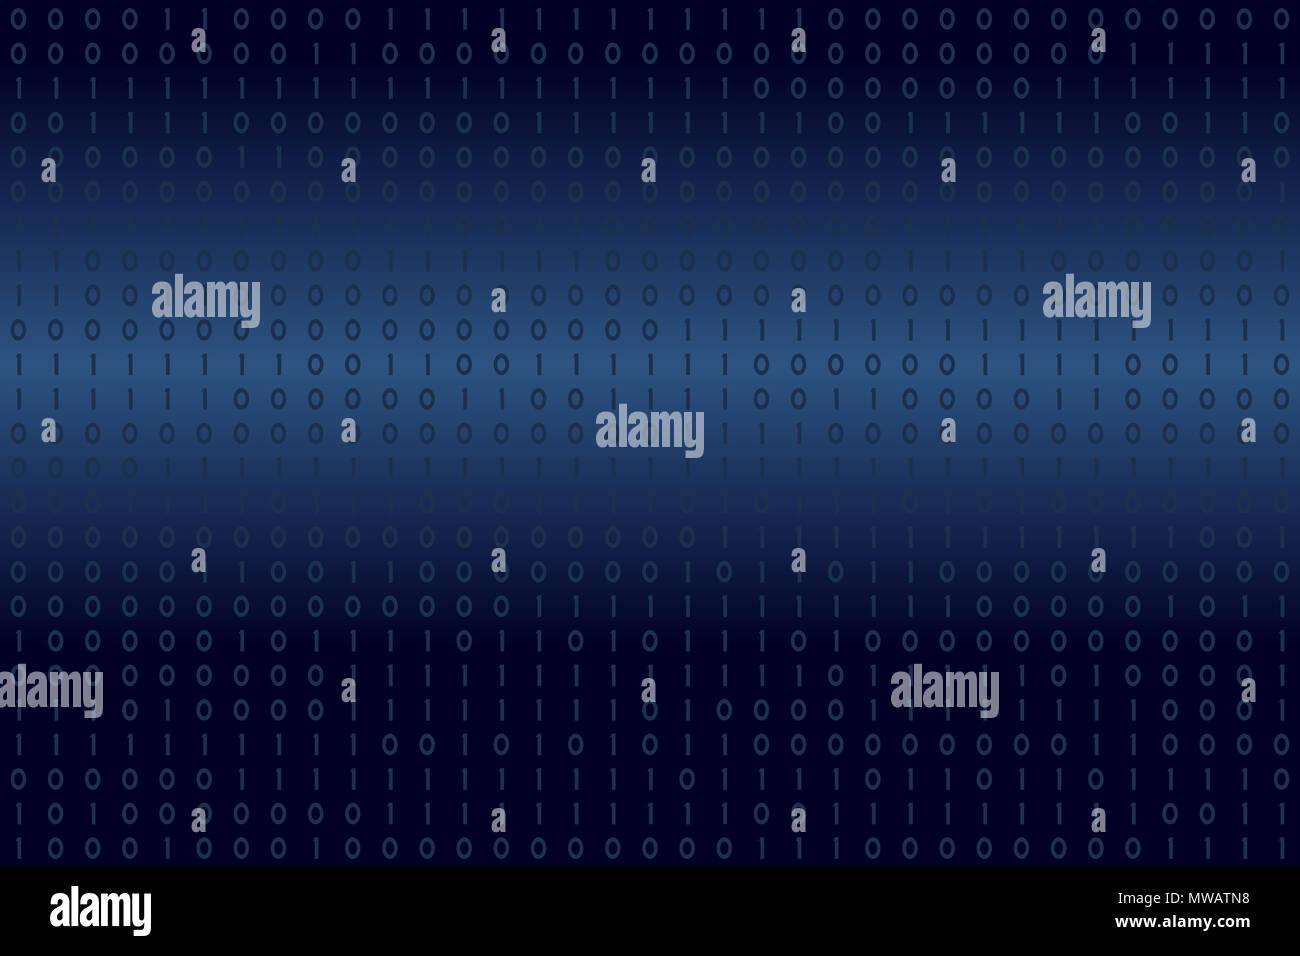 Datos binarios digital sobre fondo degradado azul y blanco. Moderna, la ciencia, la tecnología, el equipo de virus, hacking, red en el ciberespacio conceptos. Imagen De Stock